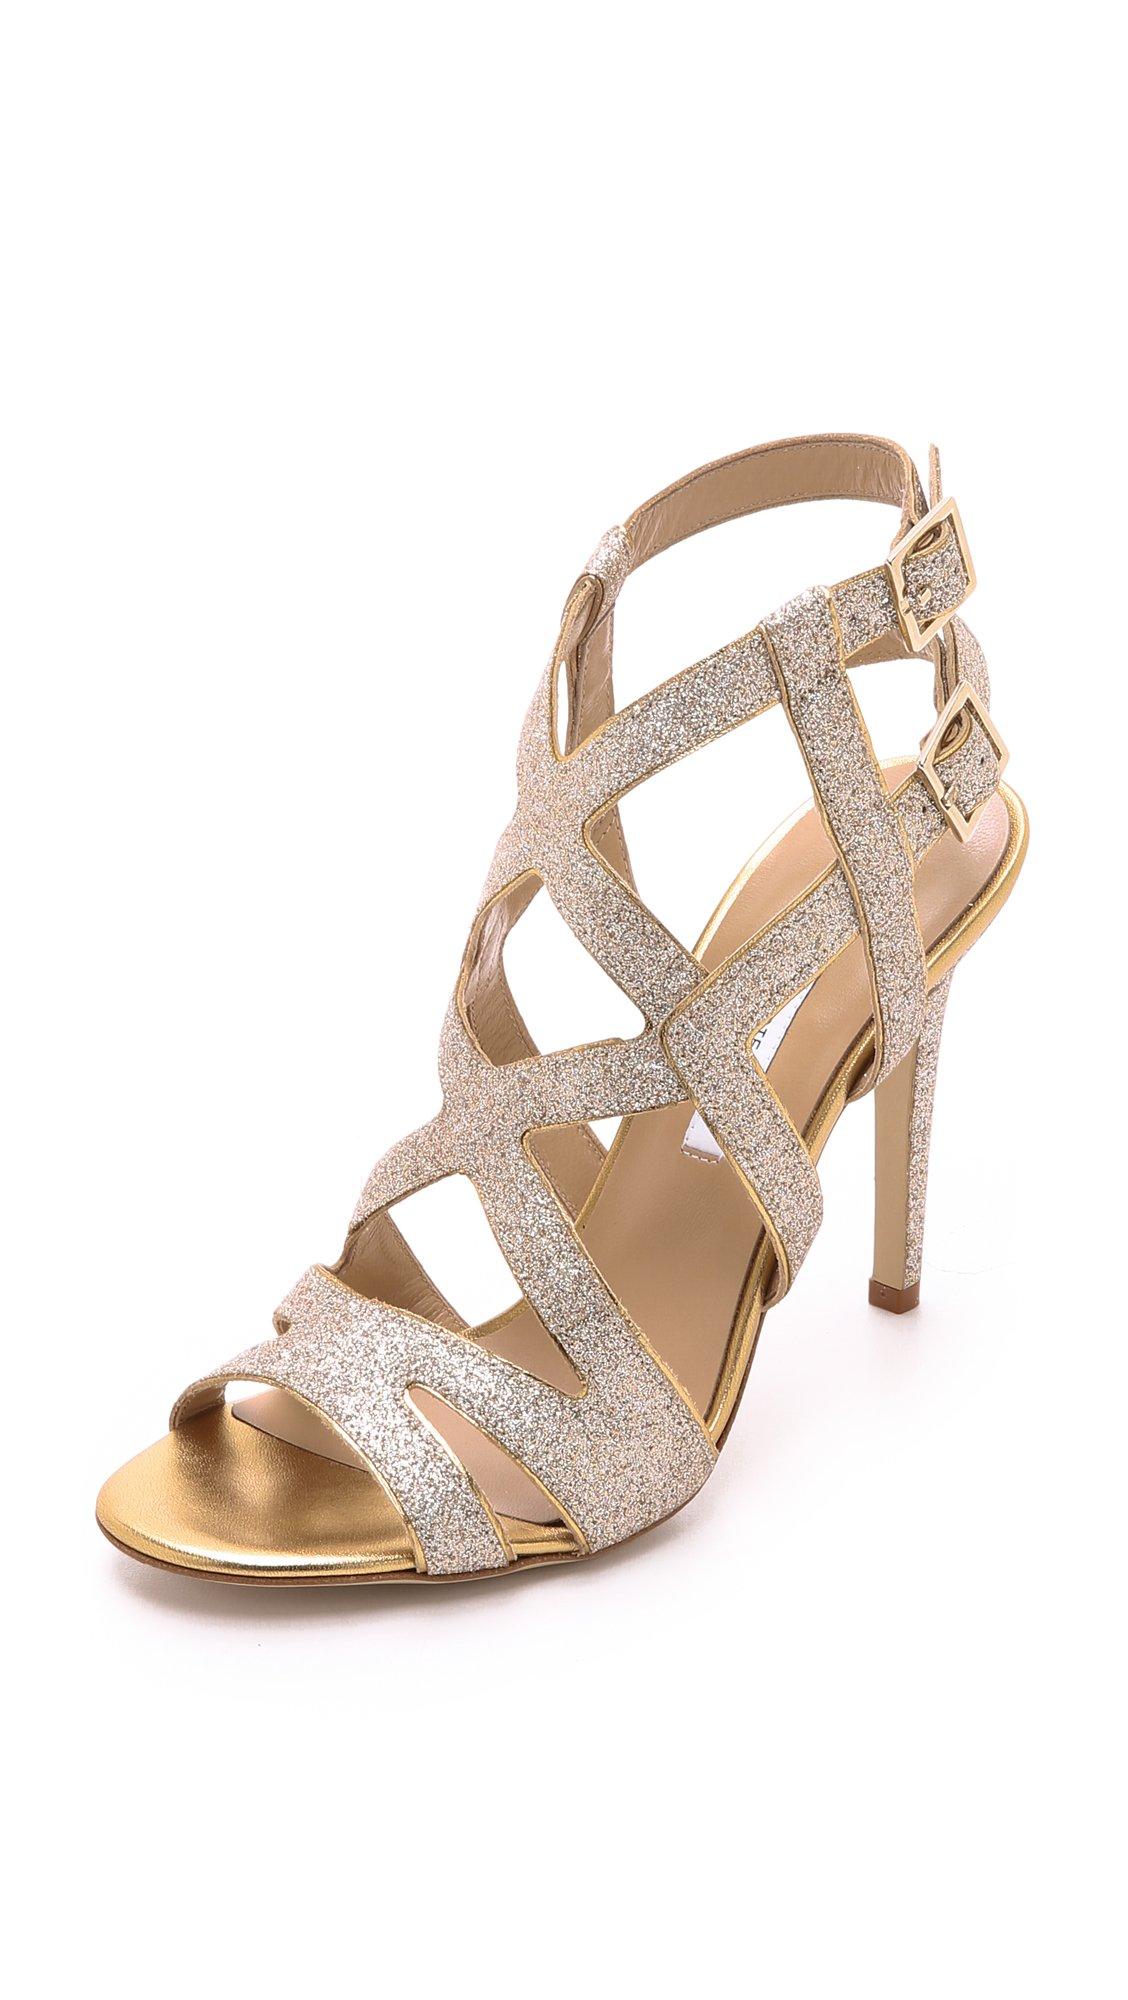 Diane von Furstenberg Women's Valene Gold Fine Glitter/Metallic Nappa 10 B - Medium